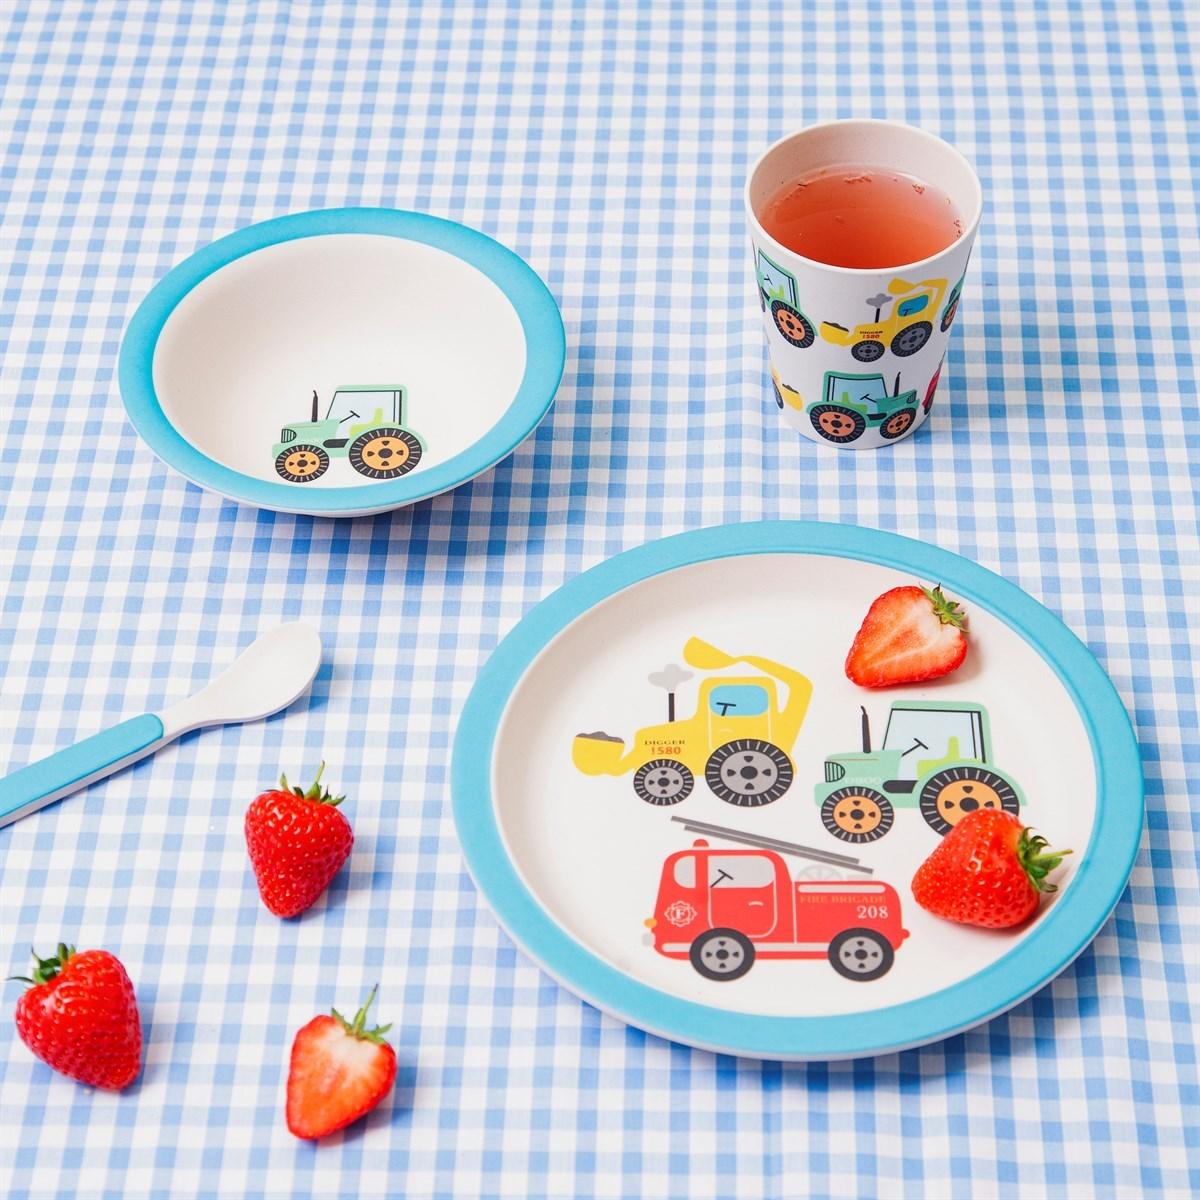 Dětský jídelní set Farmyard Friends_0